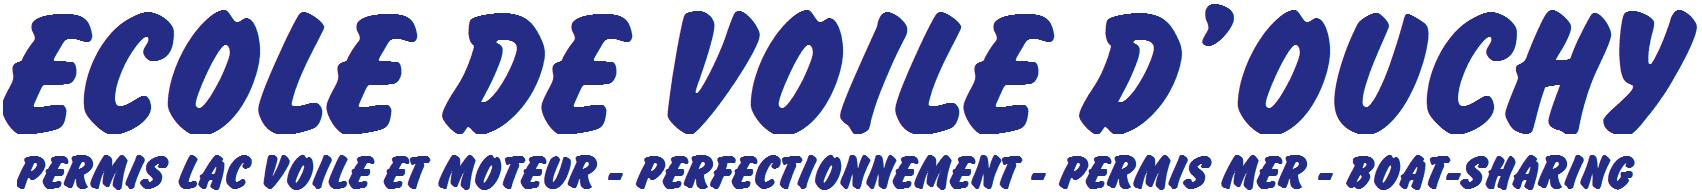 ECOLE DE VOILE D'OUCHY